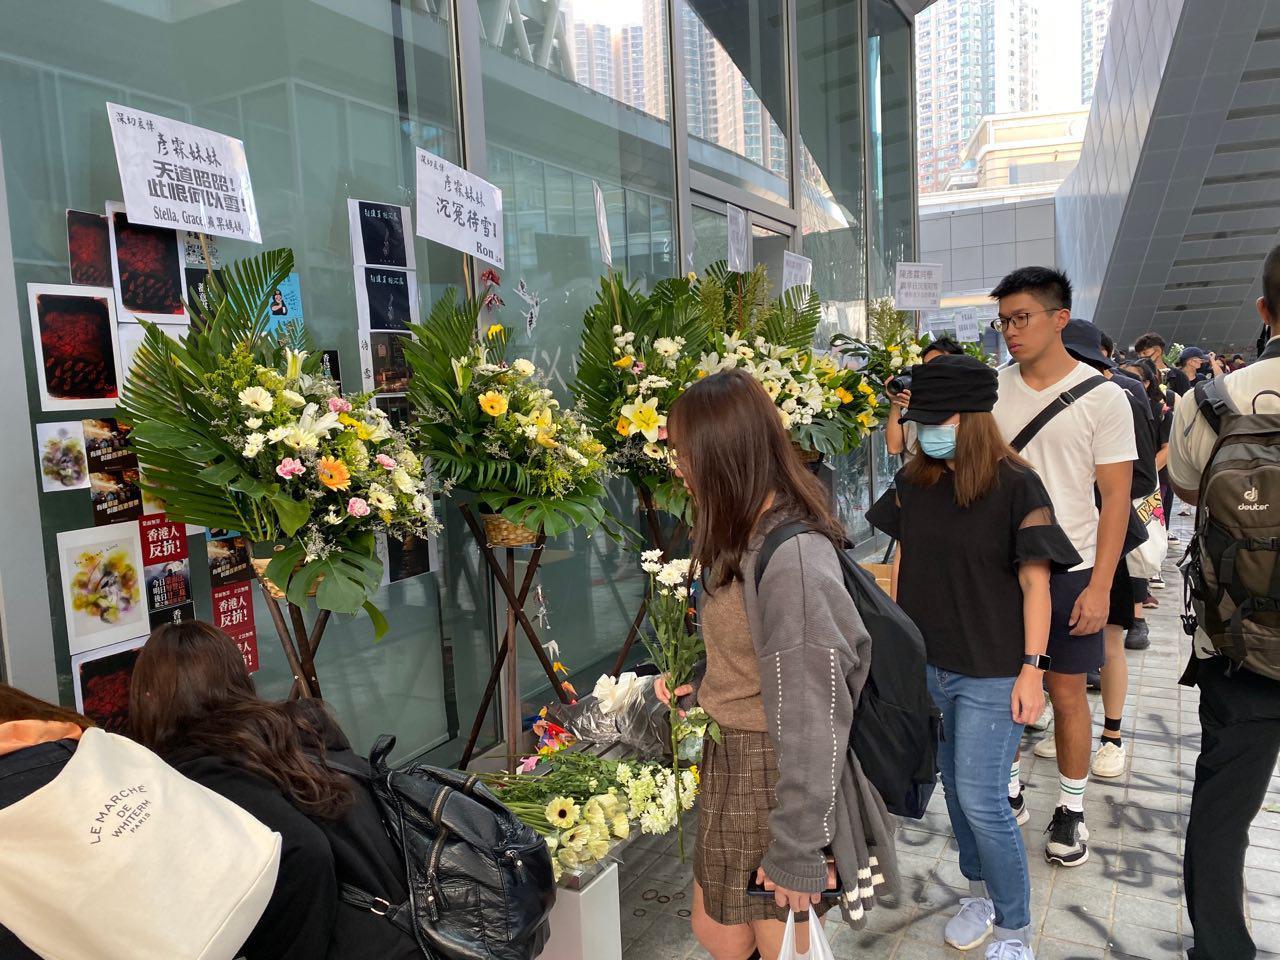 10月17日,知專設計學院學生於設計大道祭奠陳彥霖並要求真相。(駱亞/大紀元)